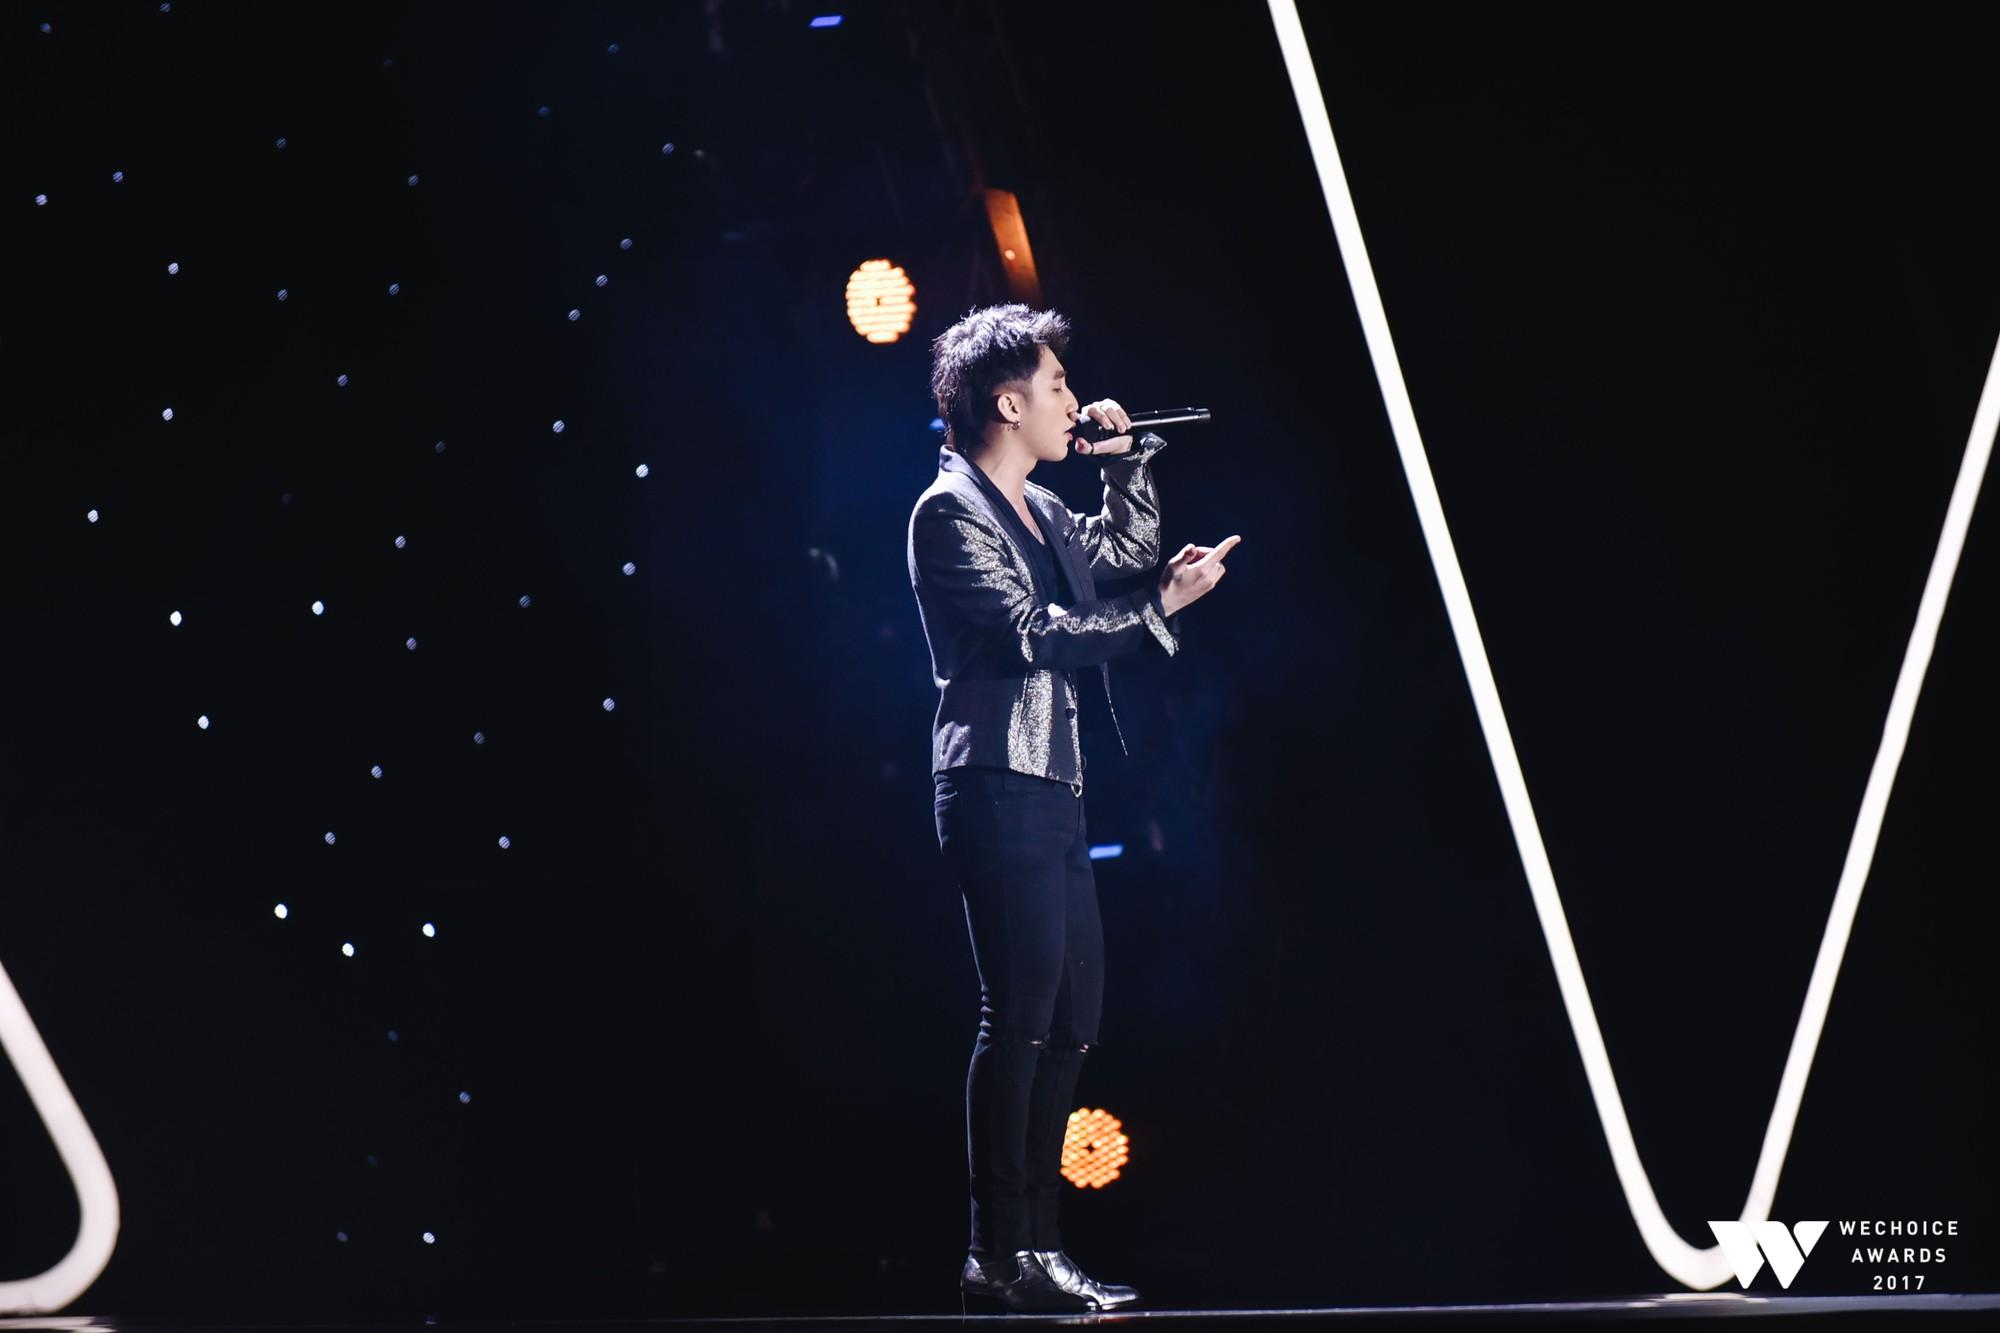 Trọn vẹn những màn trình diễn đầy thăng hoa và cảm xúc của Gala WeChoice Awards 2017 - Ảnh 6.